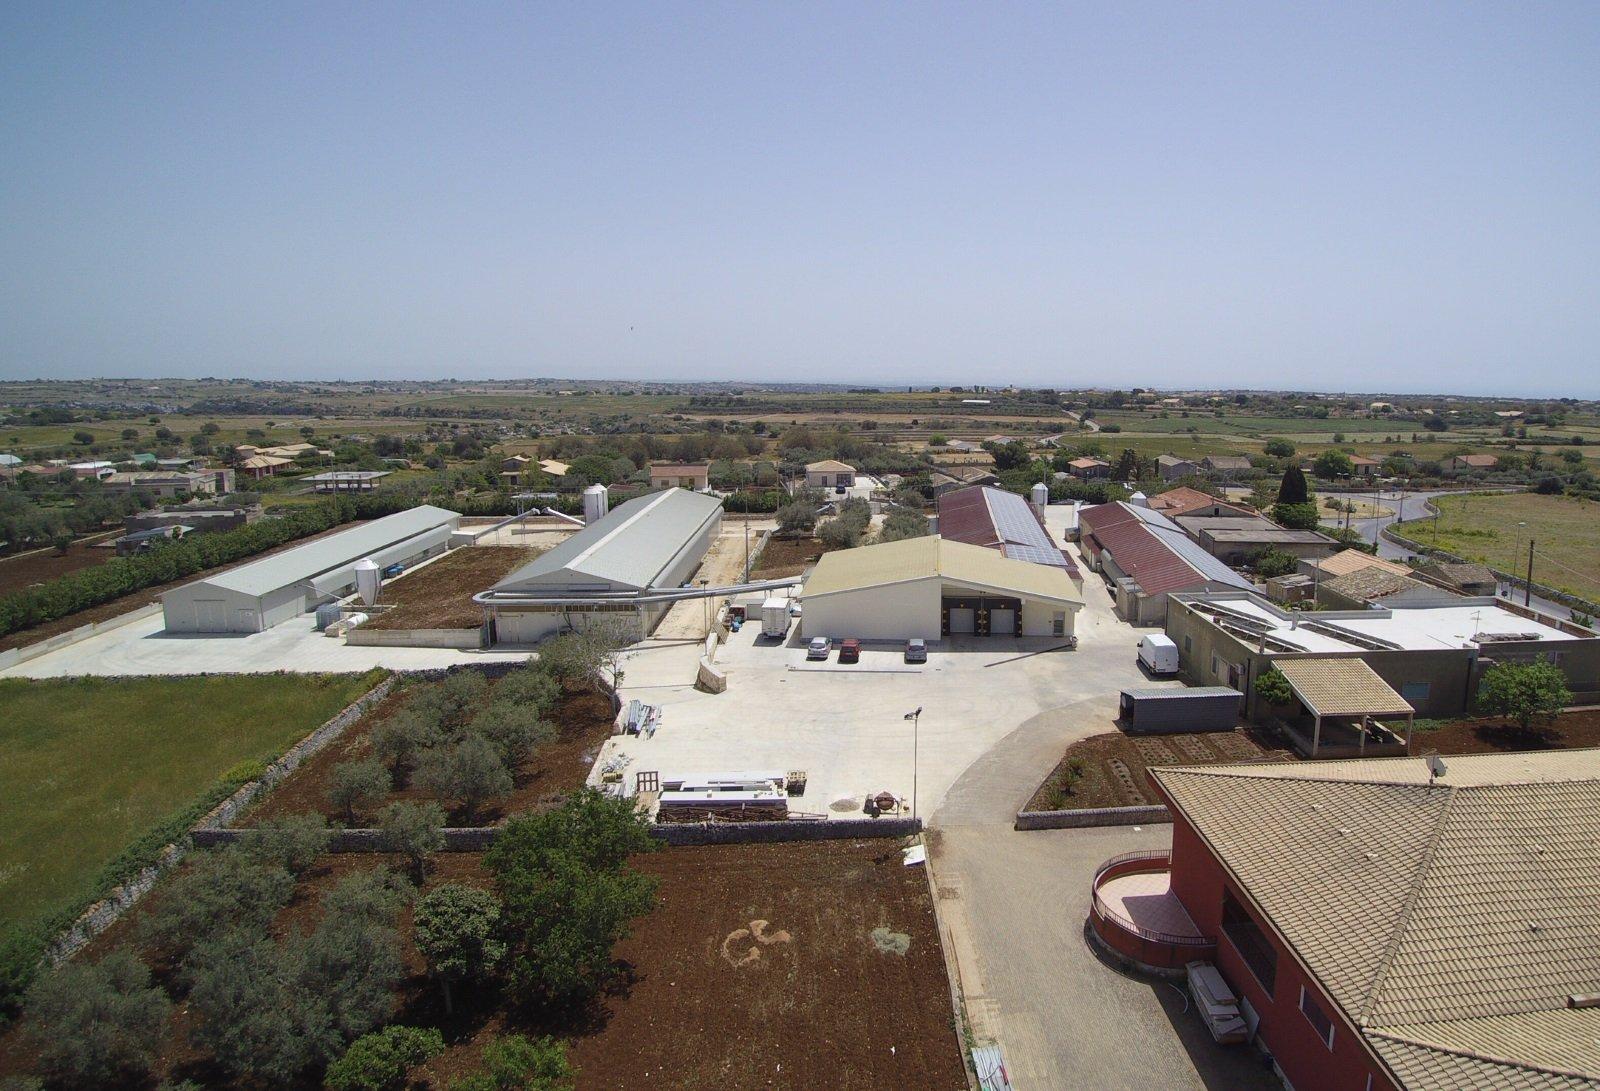 Vista aerea dell'azienda avicola